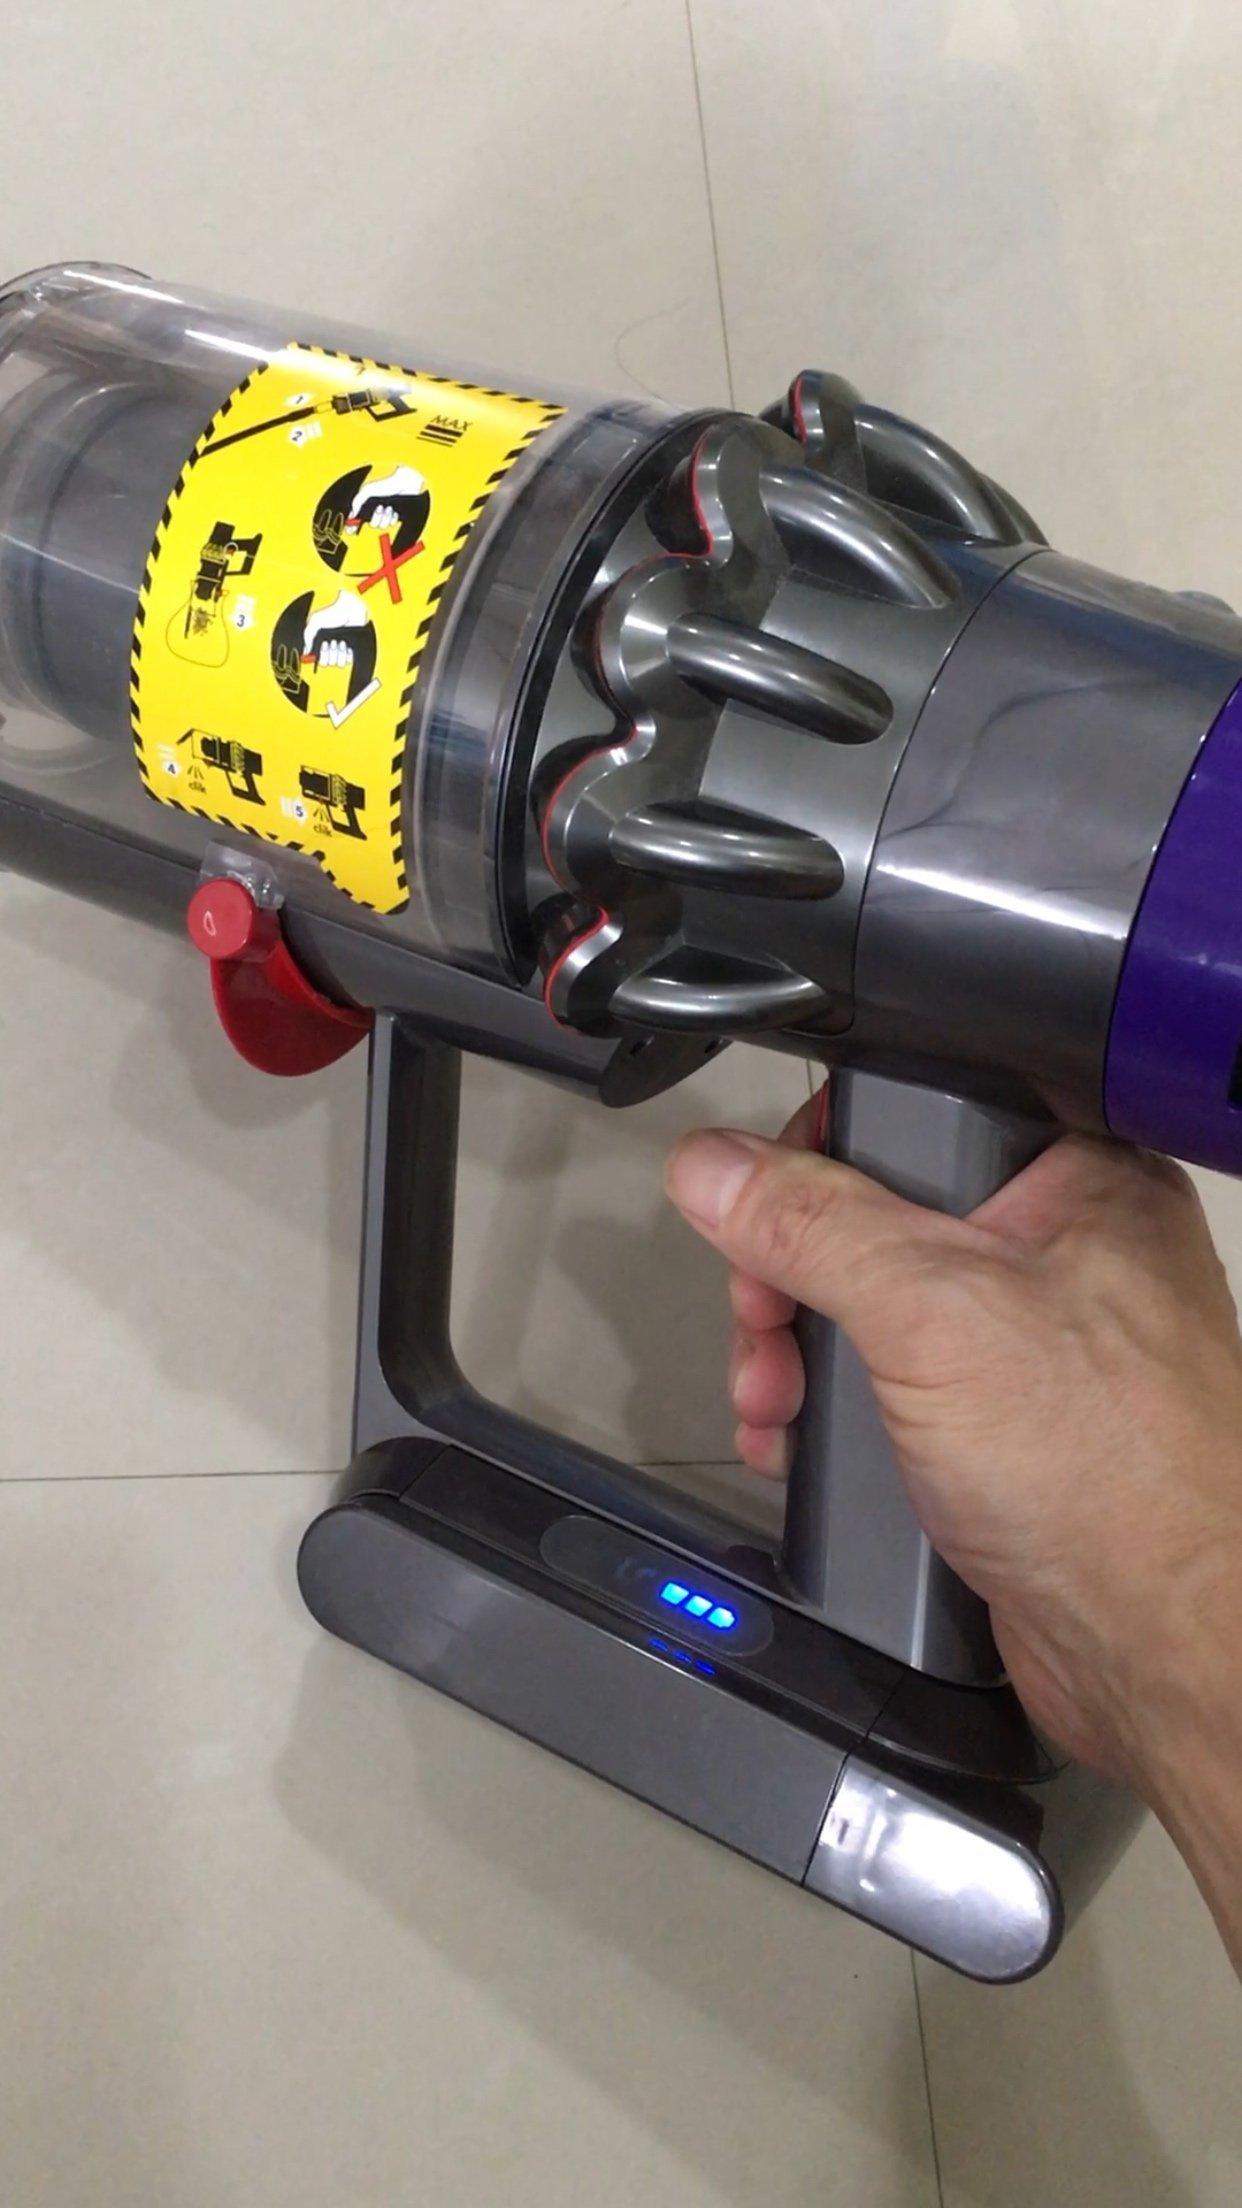 Dyson 戴森吸塵器原廠零件維修,主機吸頭馬達,電池 V6 V7 V8 V11 V12 紅色電源按鍵卡榫